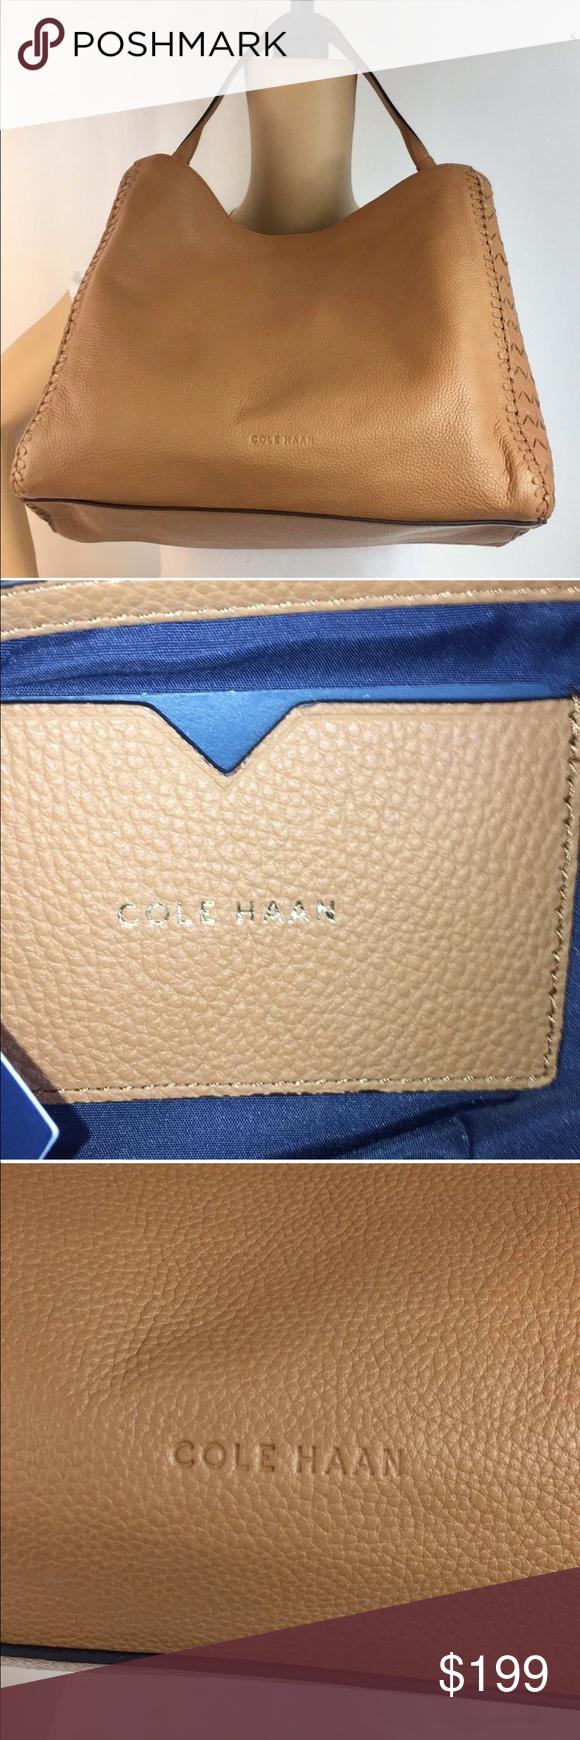 e7ed0265cf2bde Cole haan Dillan Leather Hobo Bag Brand new Cole Haan Dillan Hobo Shoulder  Bag. Rich